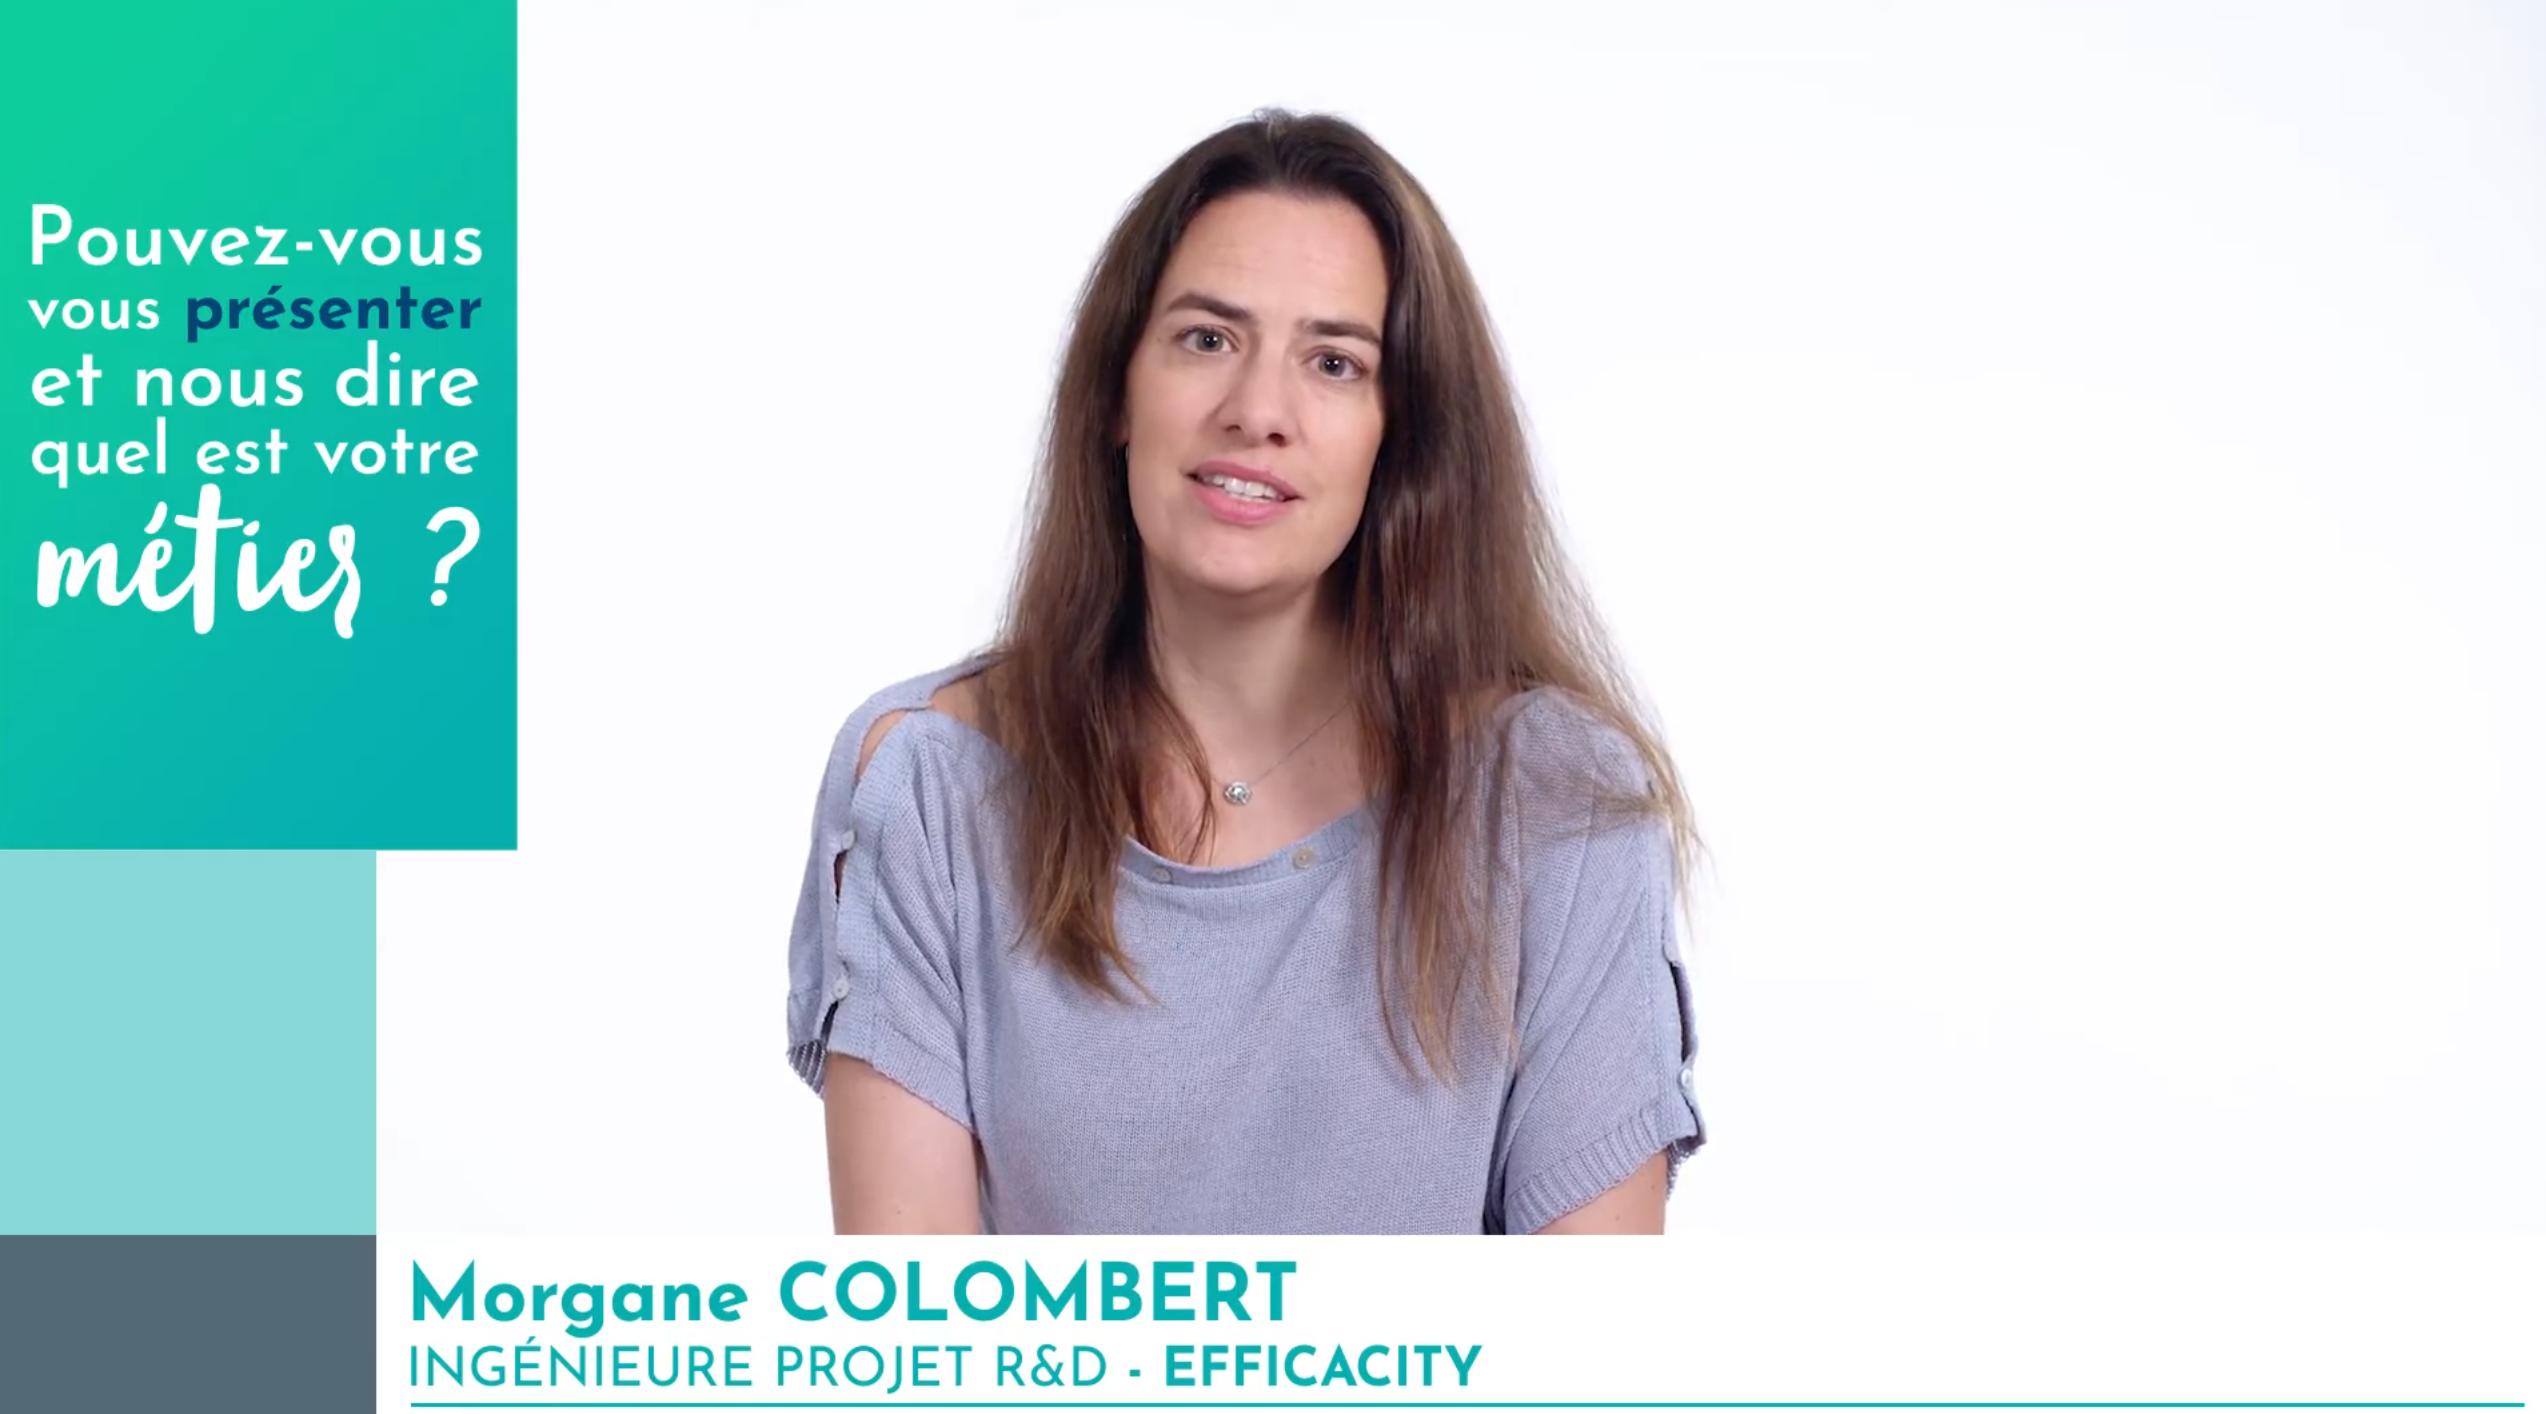 Morgane Colombert, ingénieure projet R&D, au service de la transition énergétique des villes